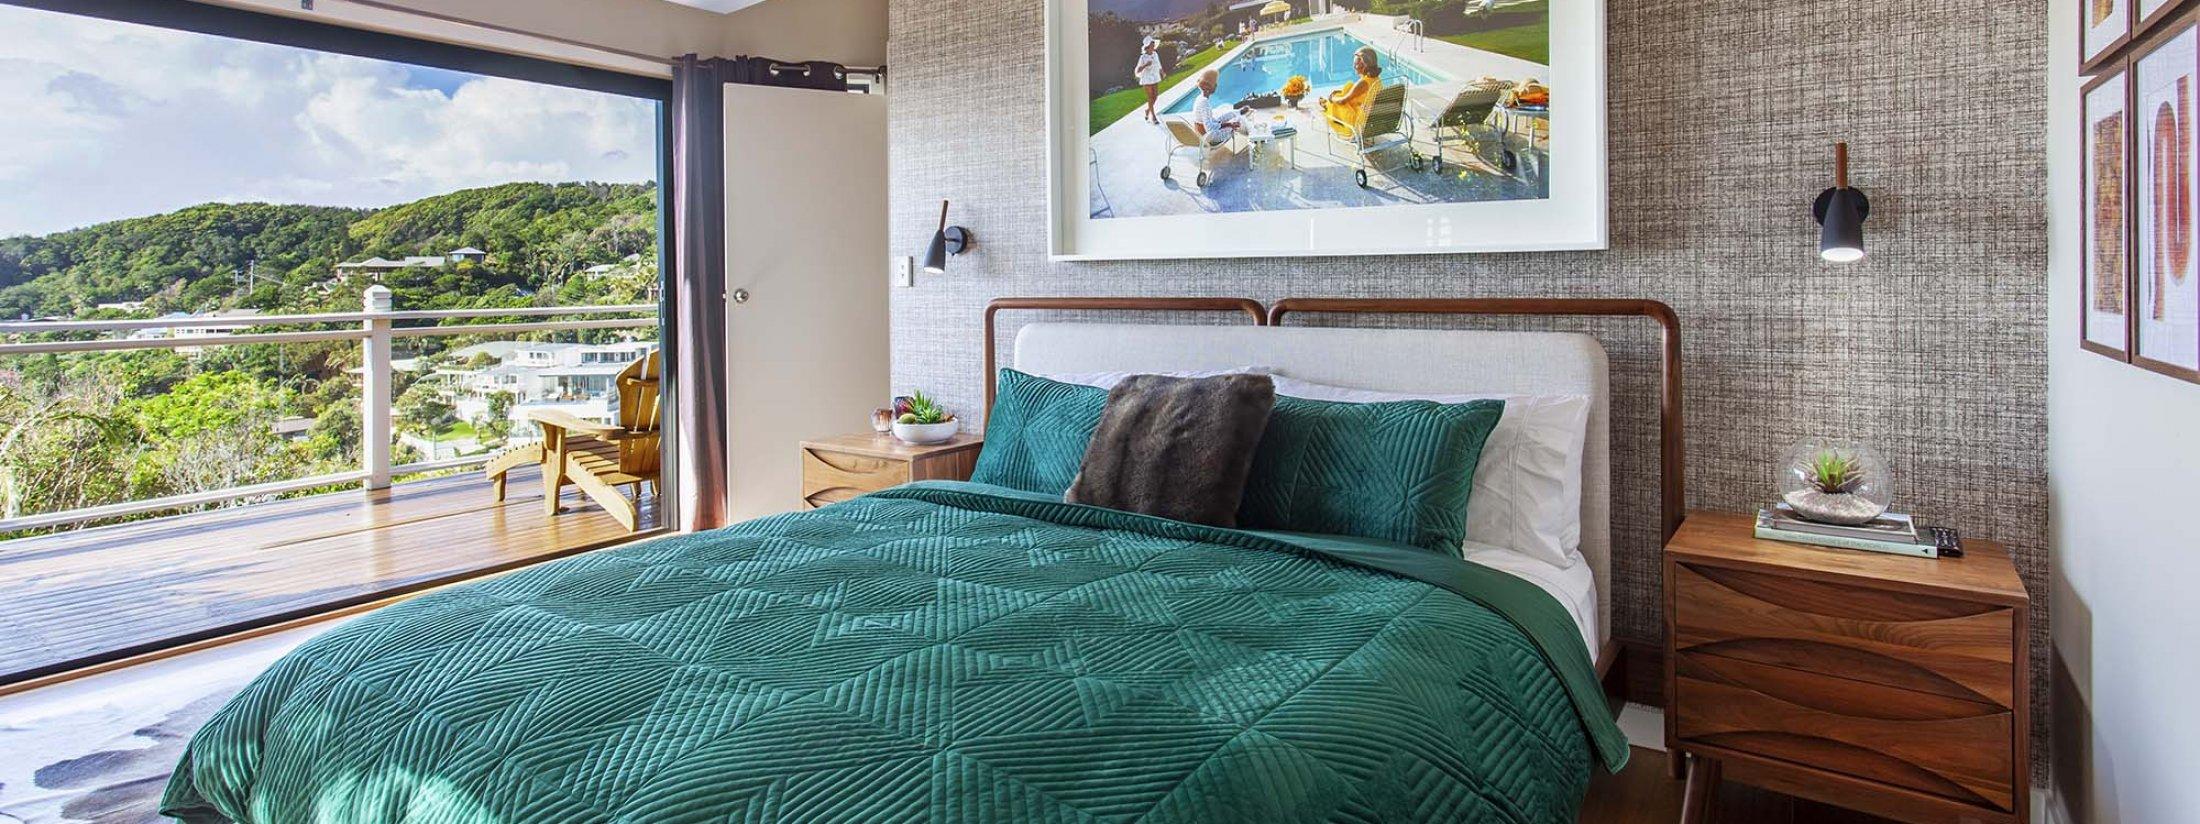 The Palms at Byron - Byron Bay - Master Bedroom b